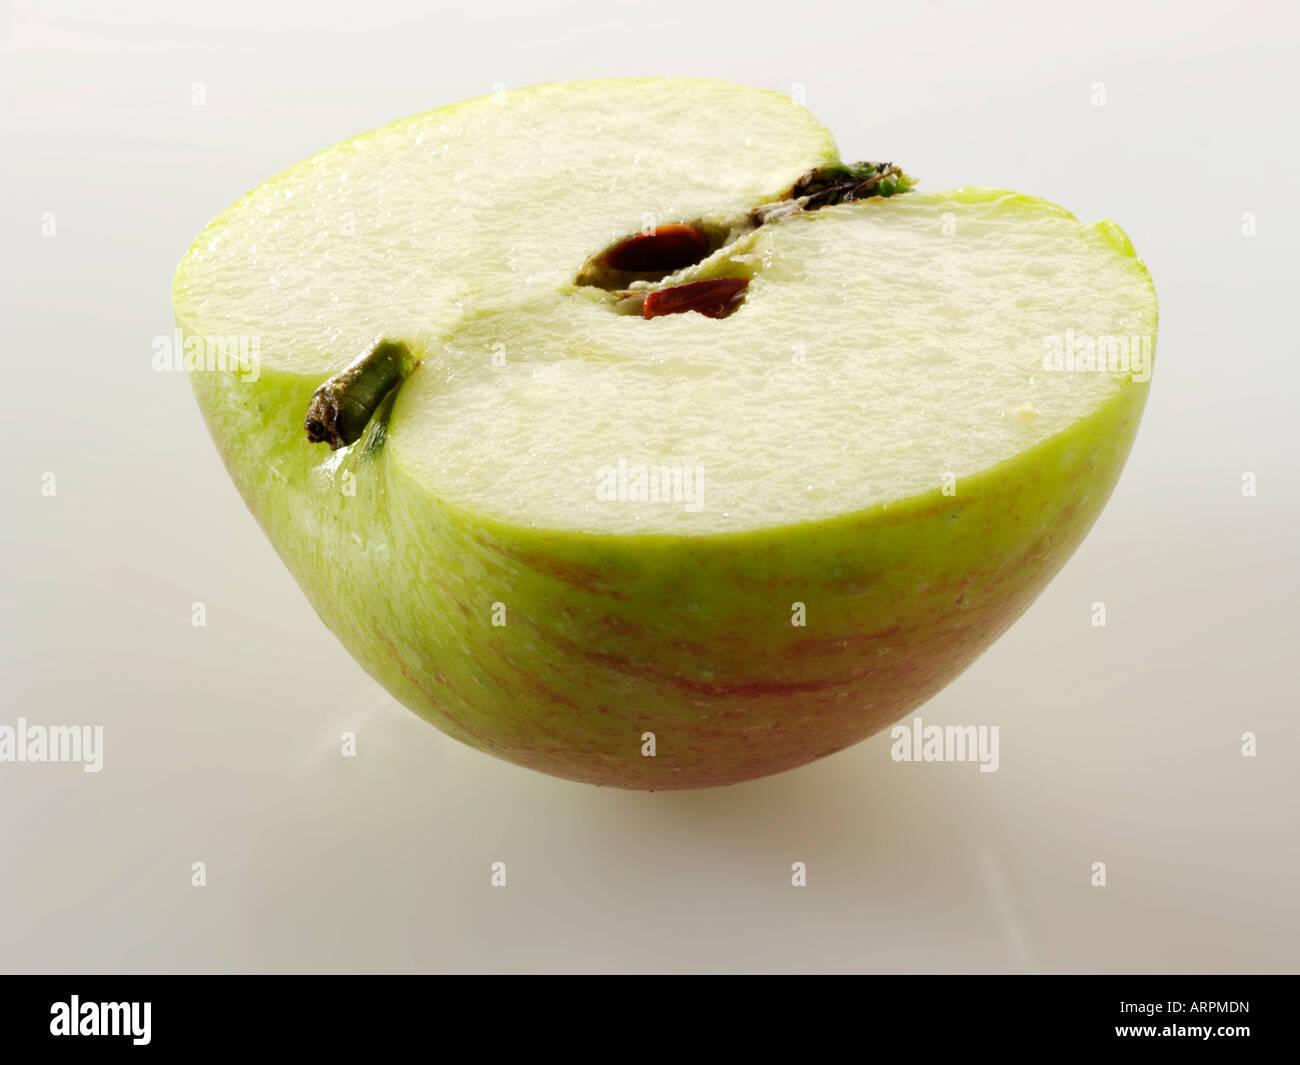 British Bramley Apple - cortar contra el fondo blanco. Imagen De Stock